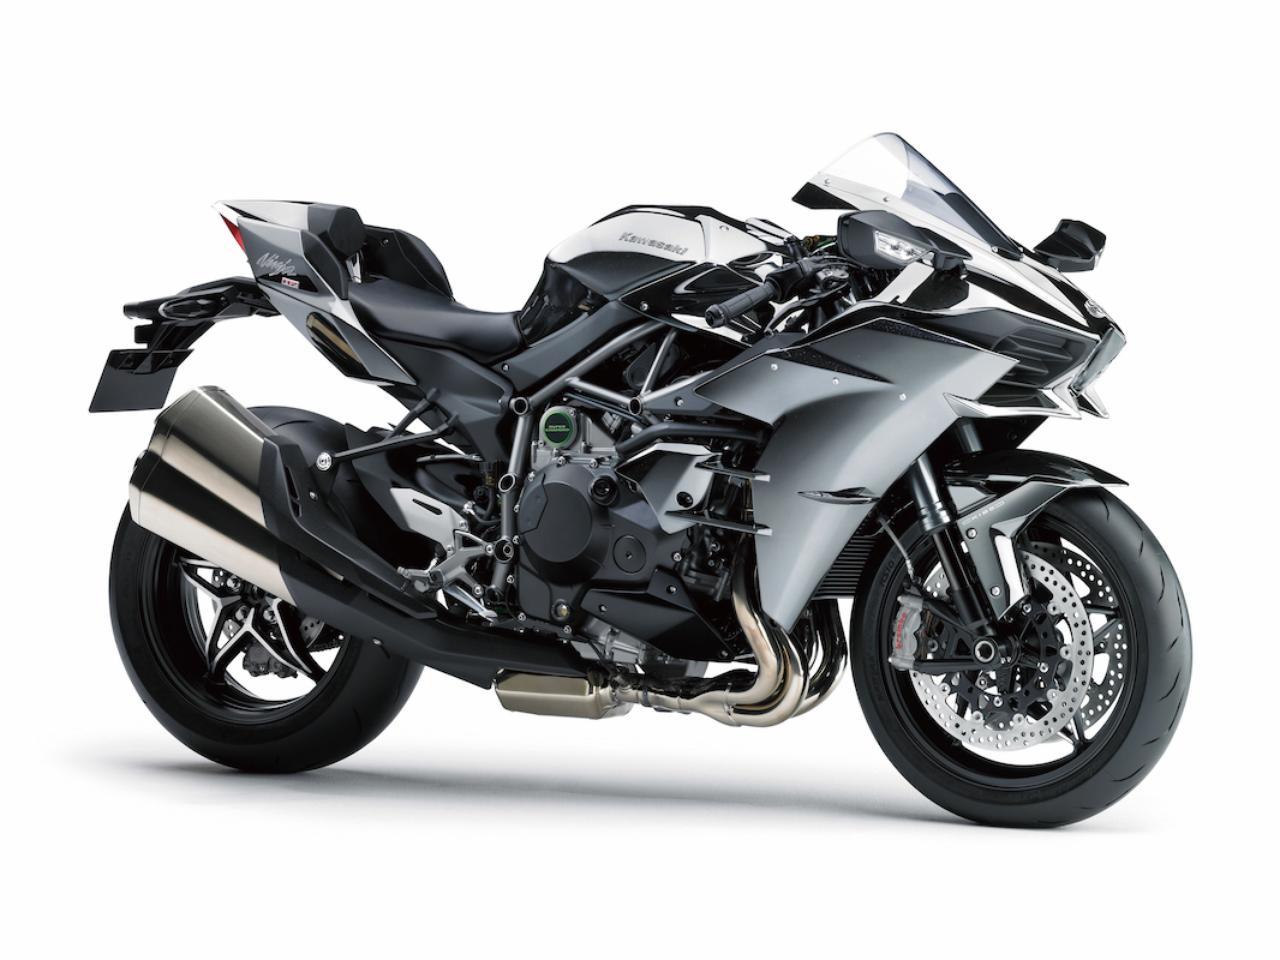 画像: K008 KAWASAKI NINJA H2 ■価格:280万8000円 スーパースポーツともメガスポーツとも違うアプローチで、究極のスポーツバイクを目指したのがニンジャH2。スーパーチャージャーを組み合わせた998㏄水冷直4エンジンは、自然吸気では真似のできない強烈なパワーとトルクを幅広い回転域で発揮。他のバイクでは味わえない豪快な走りが楽しめる。